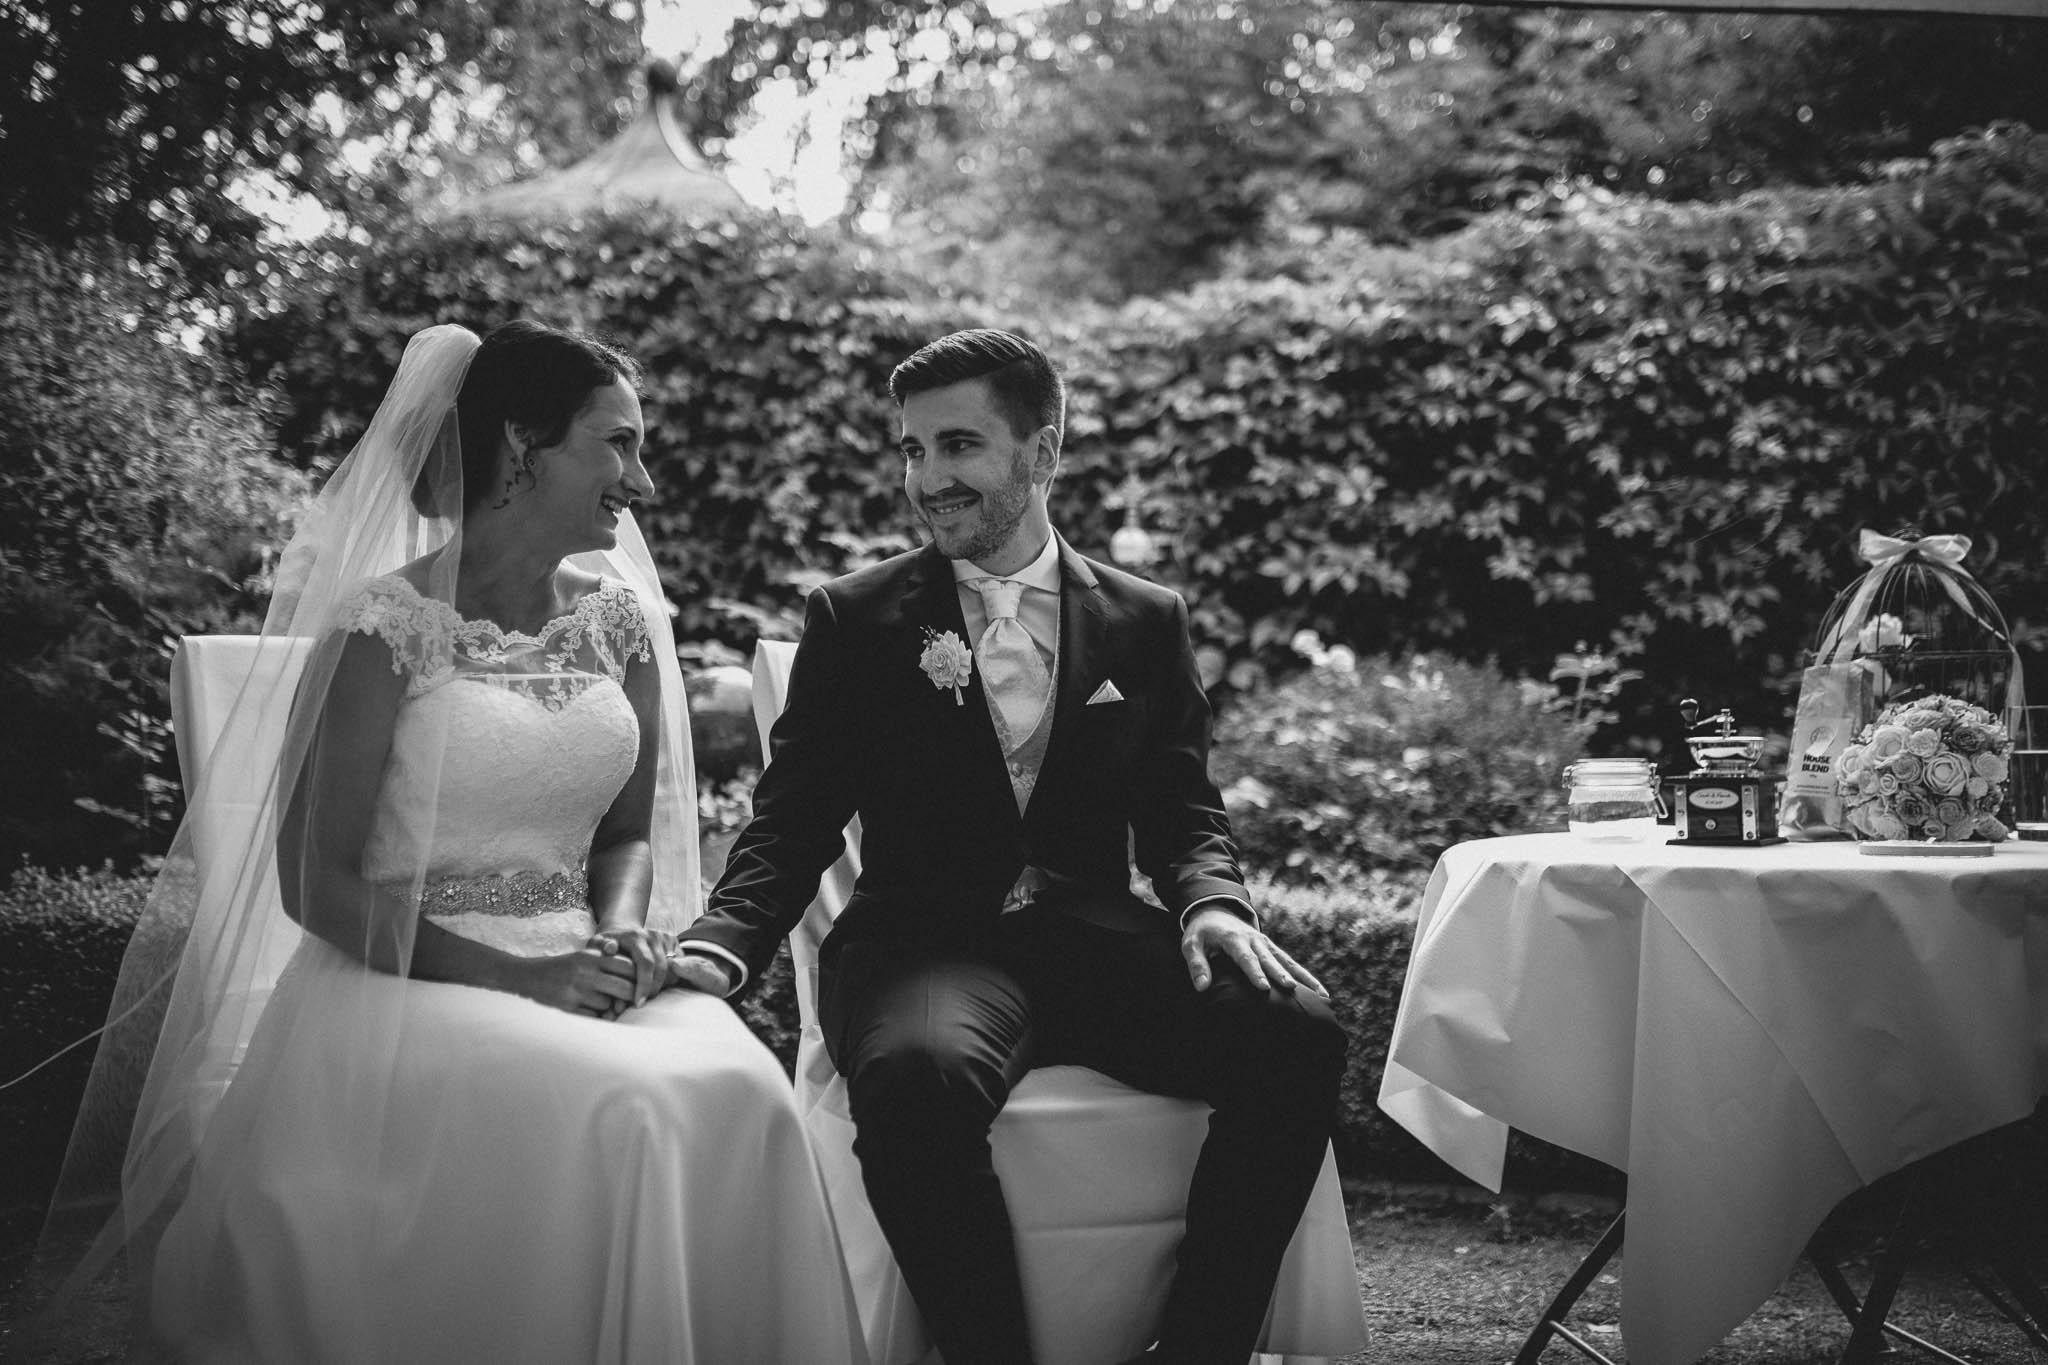 Hochzeitsfotograf Monzernheim: freie Trauung von Sarah & Patrick 27